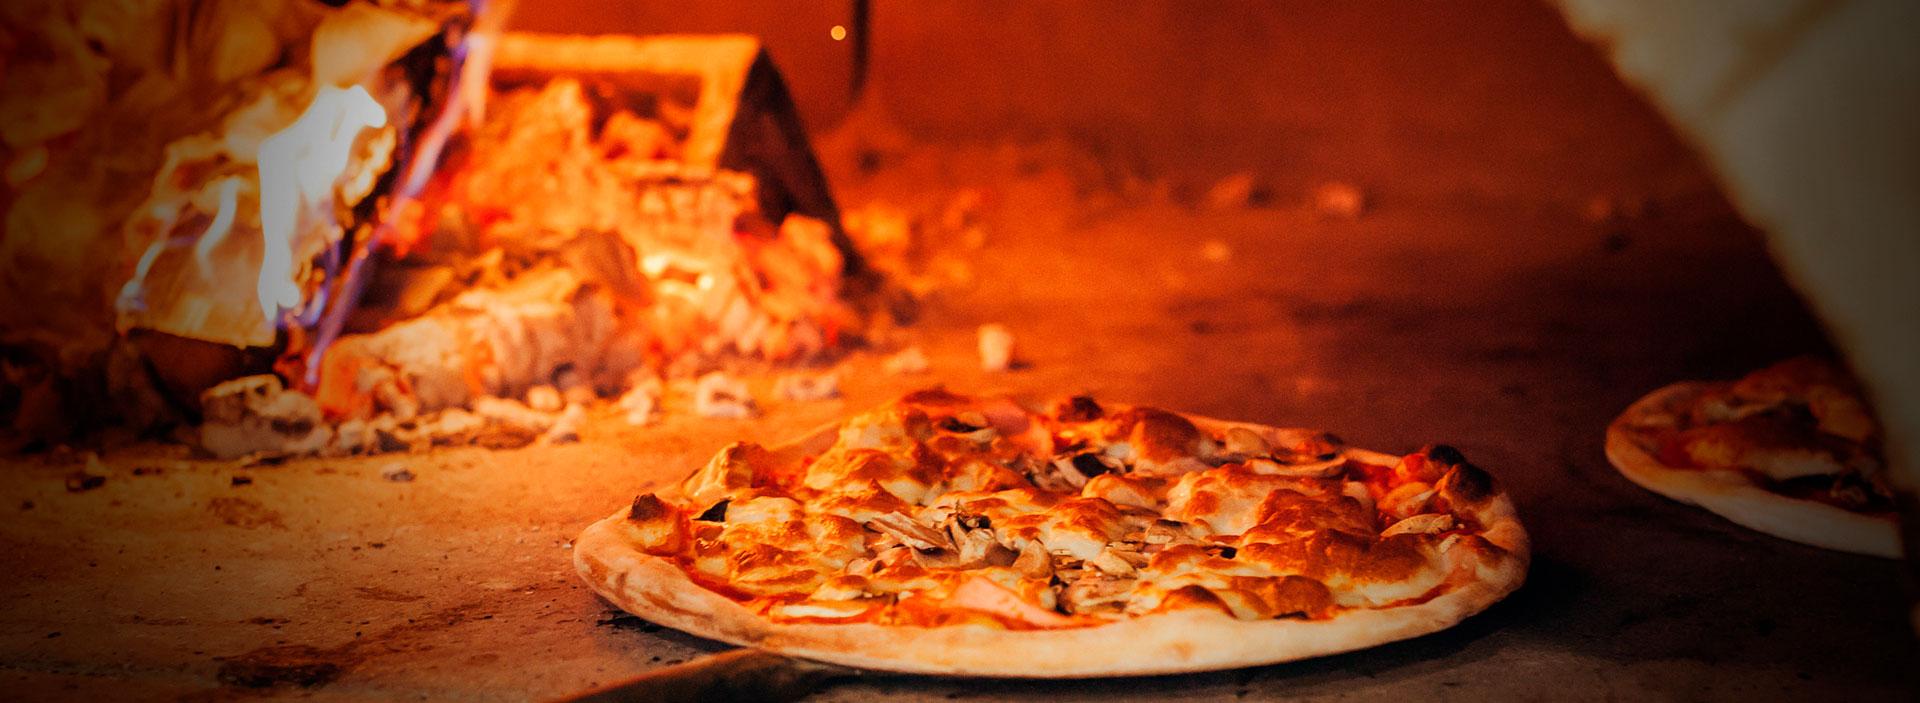 restaurante comida italiana nicoletta modern italian kitchen